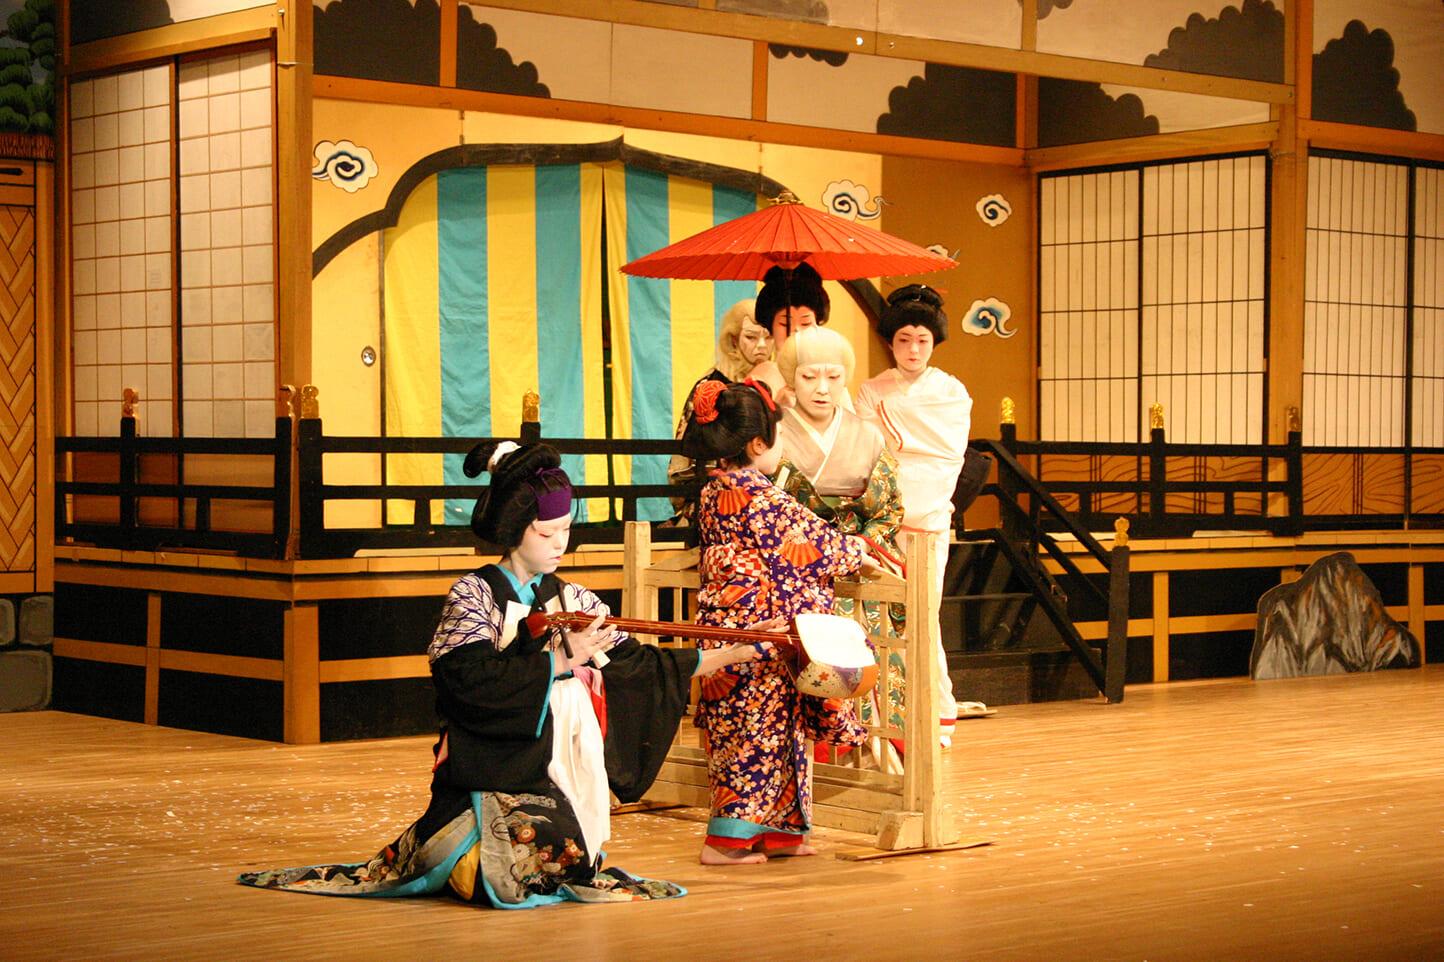 高雄歌舞伎 スライダー画像2